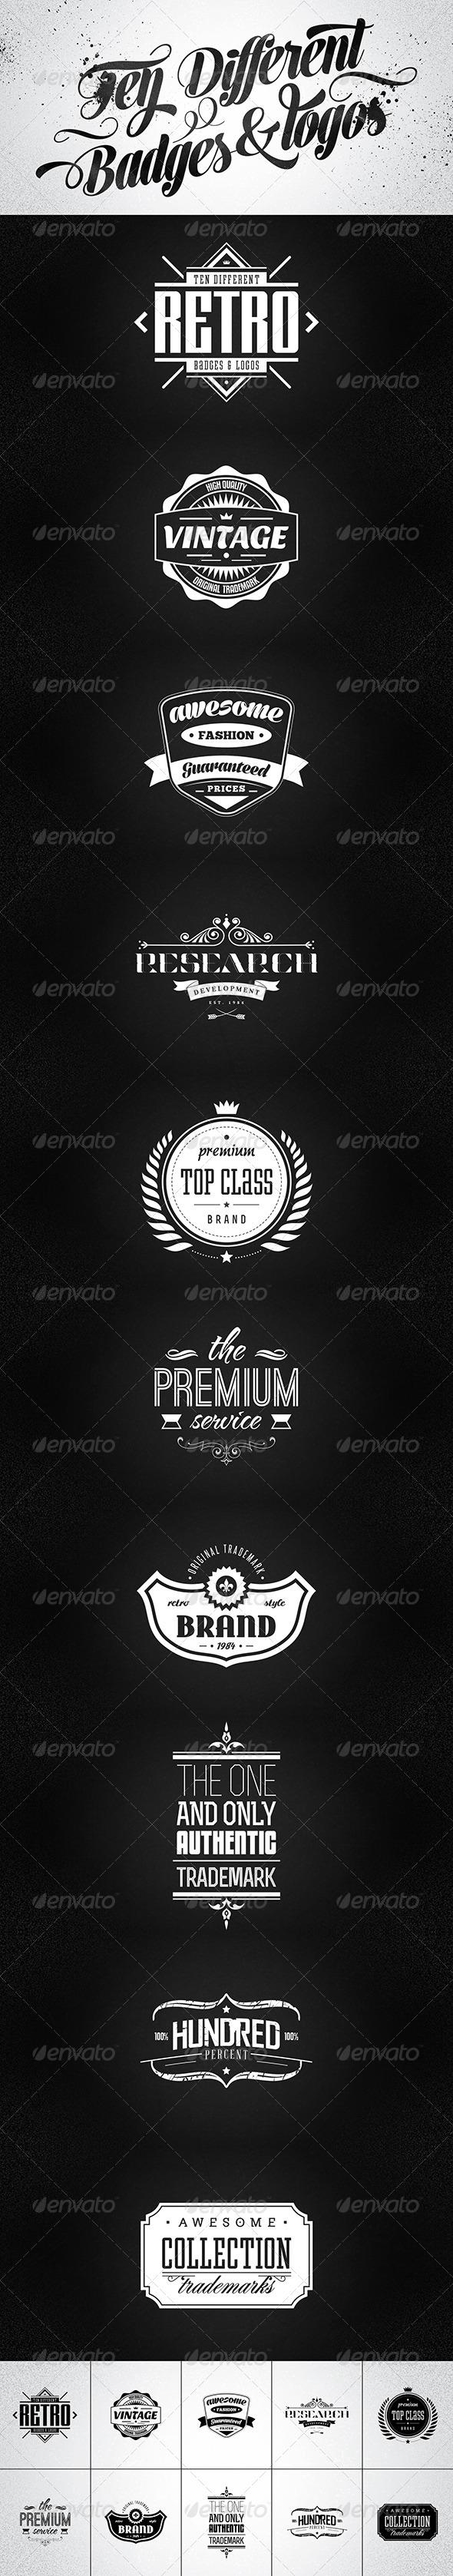 10 Retro Badges & Logos vol.2 - Badges & Stickers Web Elements